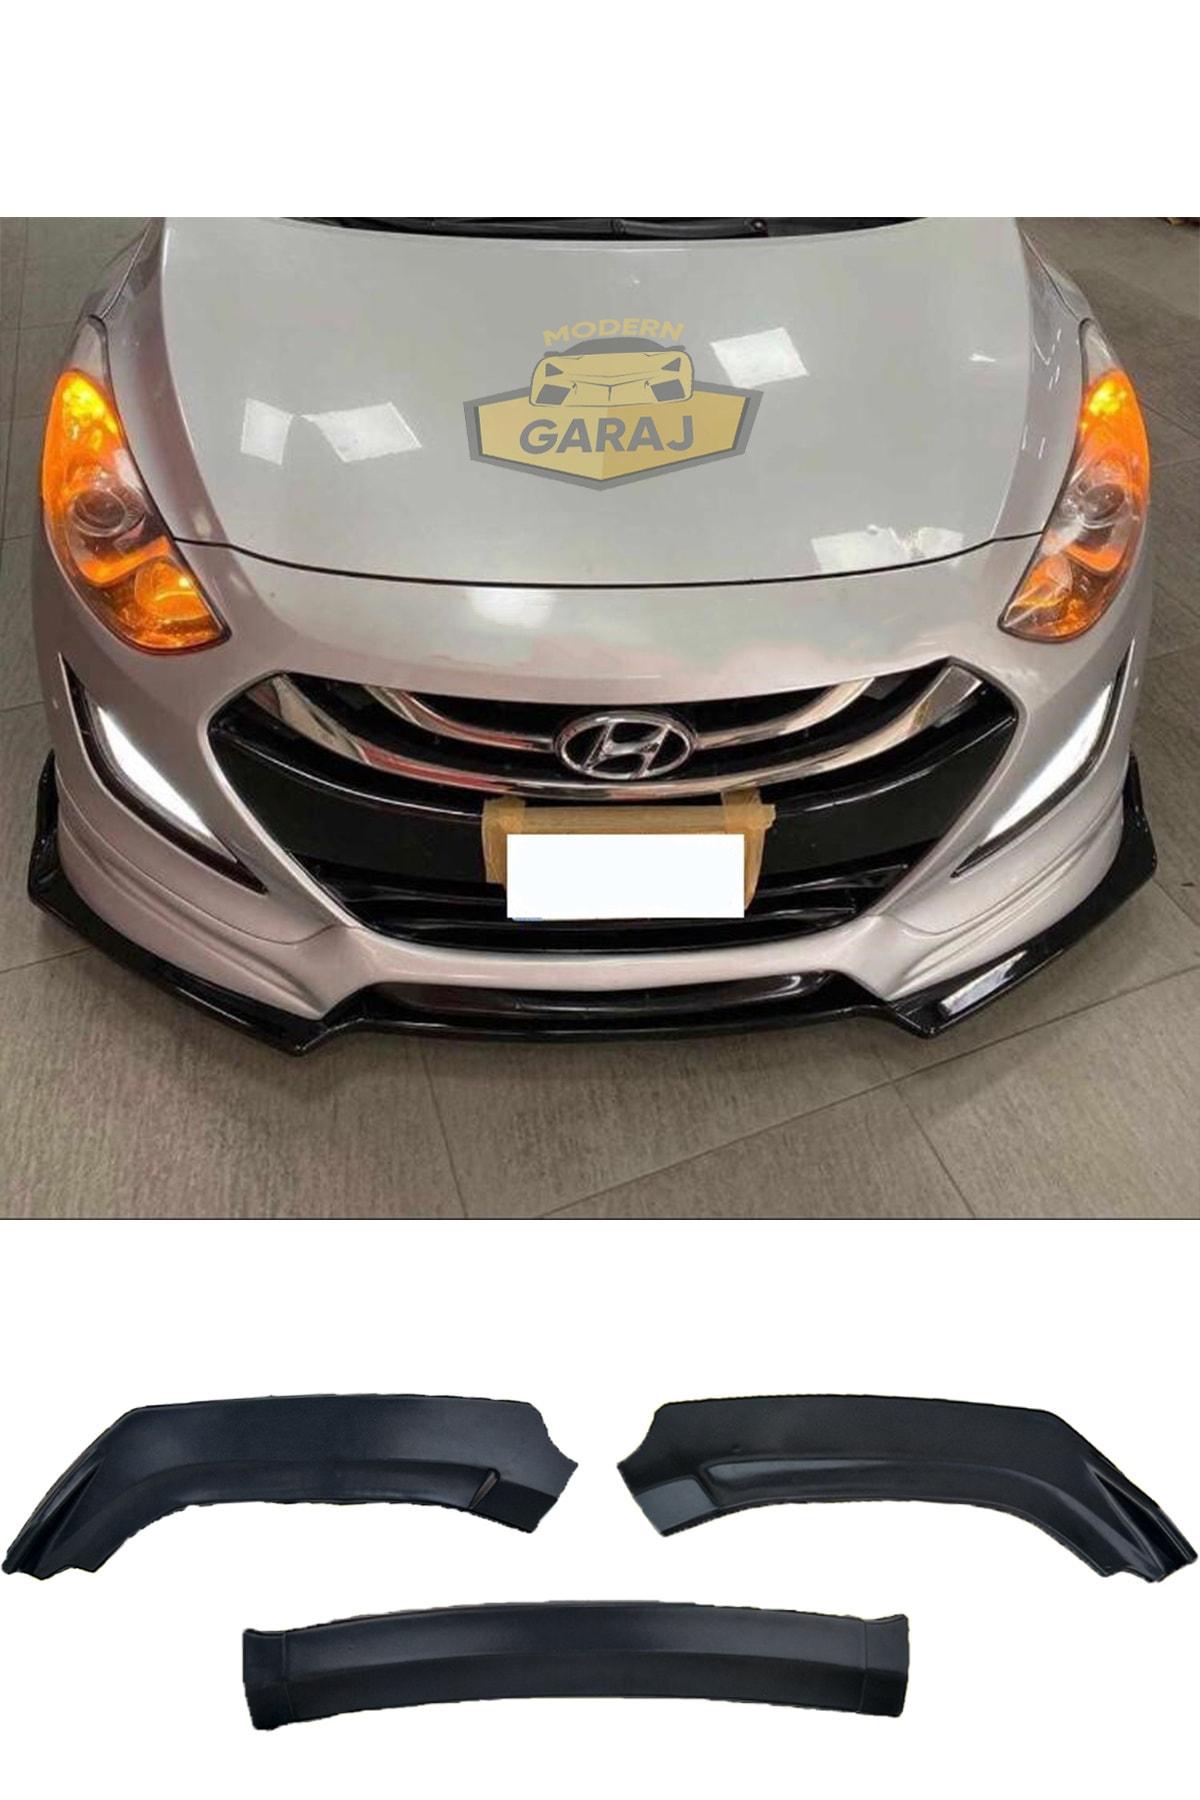 Modern Garaj Hyundai I30 Ön Tampon Eki I30 3 Parça Kanatlı Lip Hyundai I30 Ön Ek 1